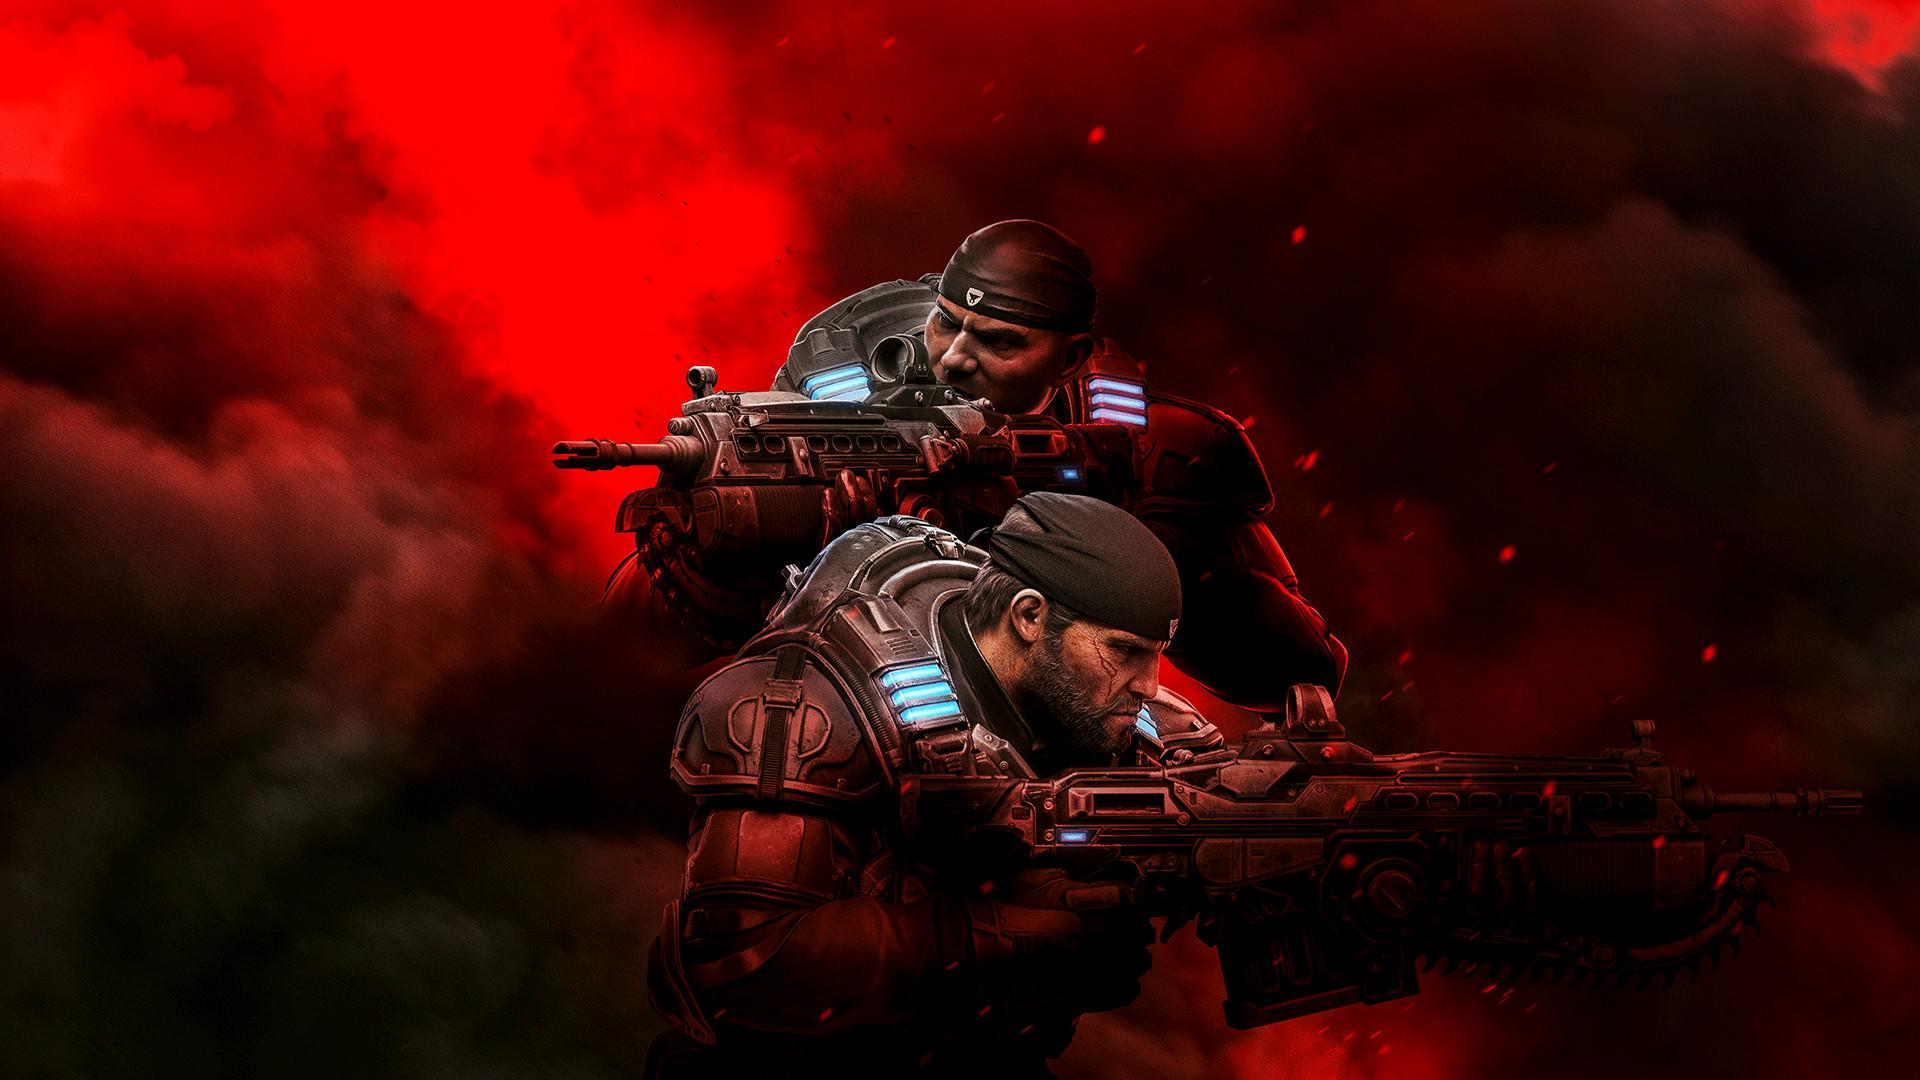 《战争机器5》年度版在Steam上发售 国区售价169元